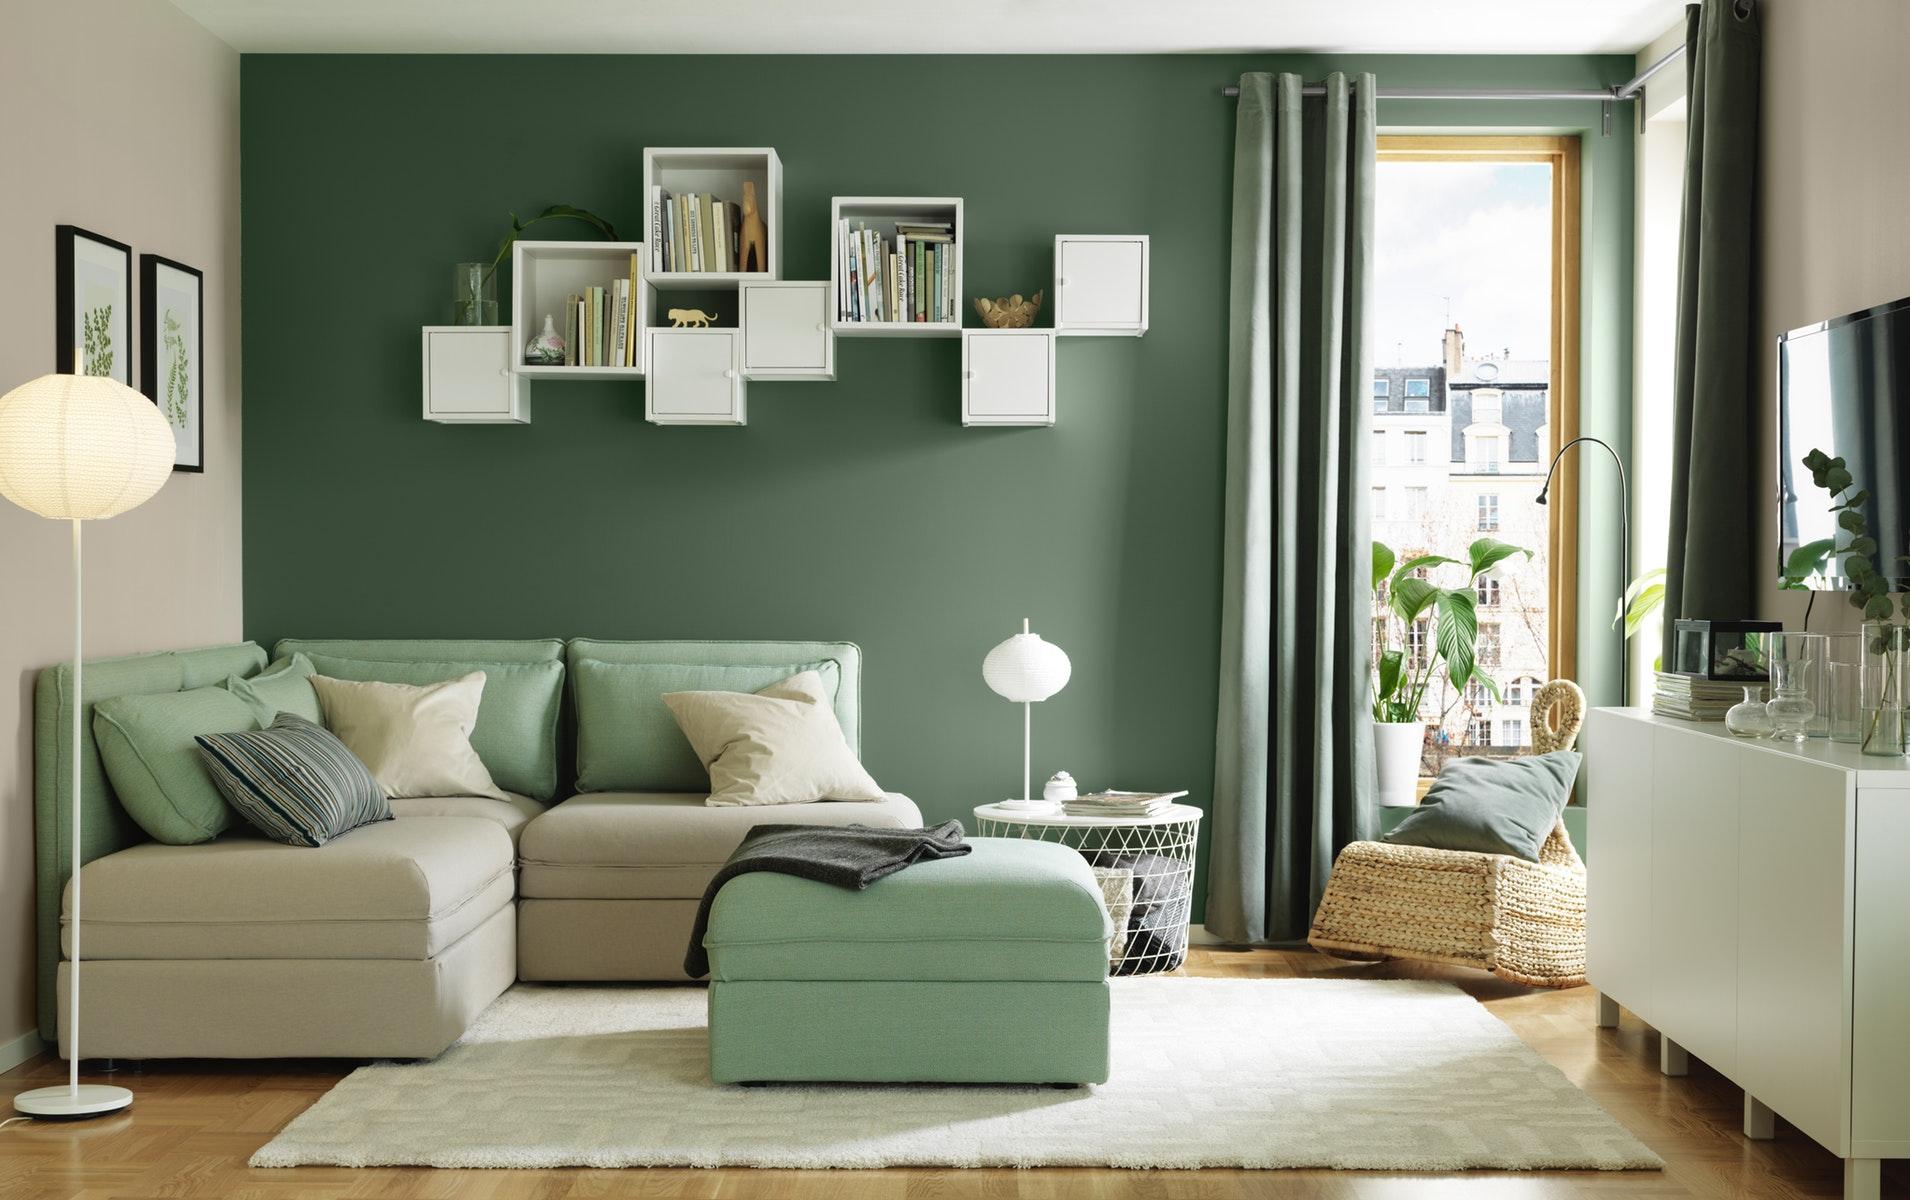 Tips Ide Dekorasi Ruang Tamu Minimalis Untuk Rumah Kecil | IKEA Indonesia